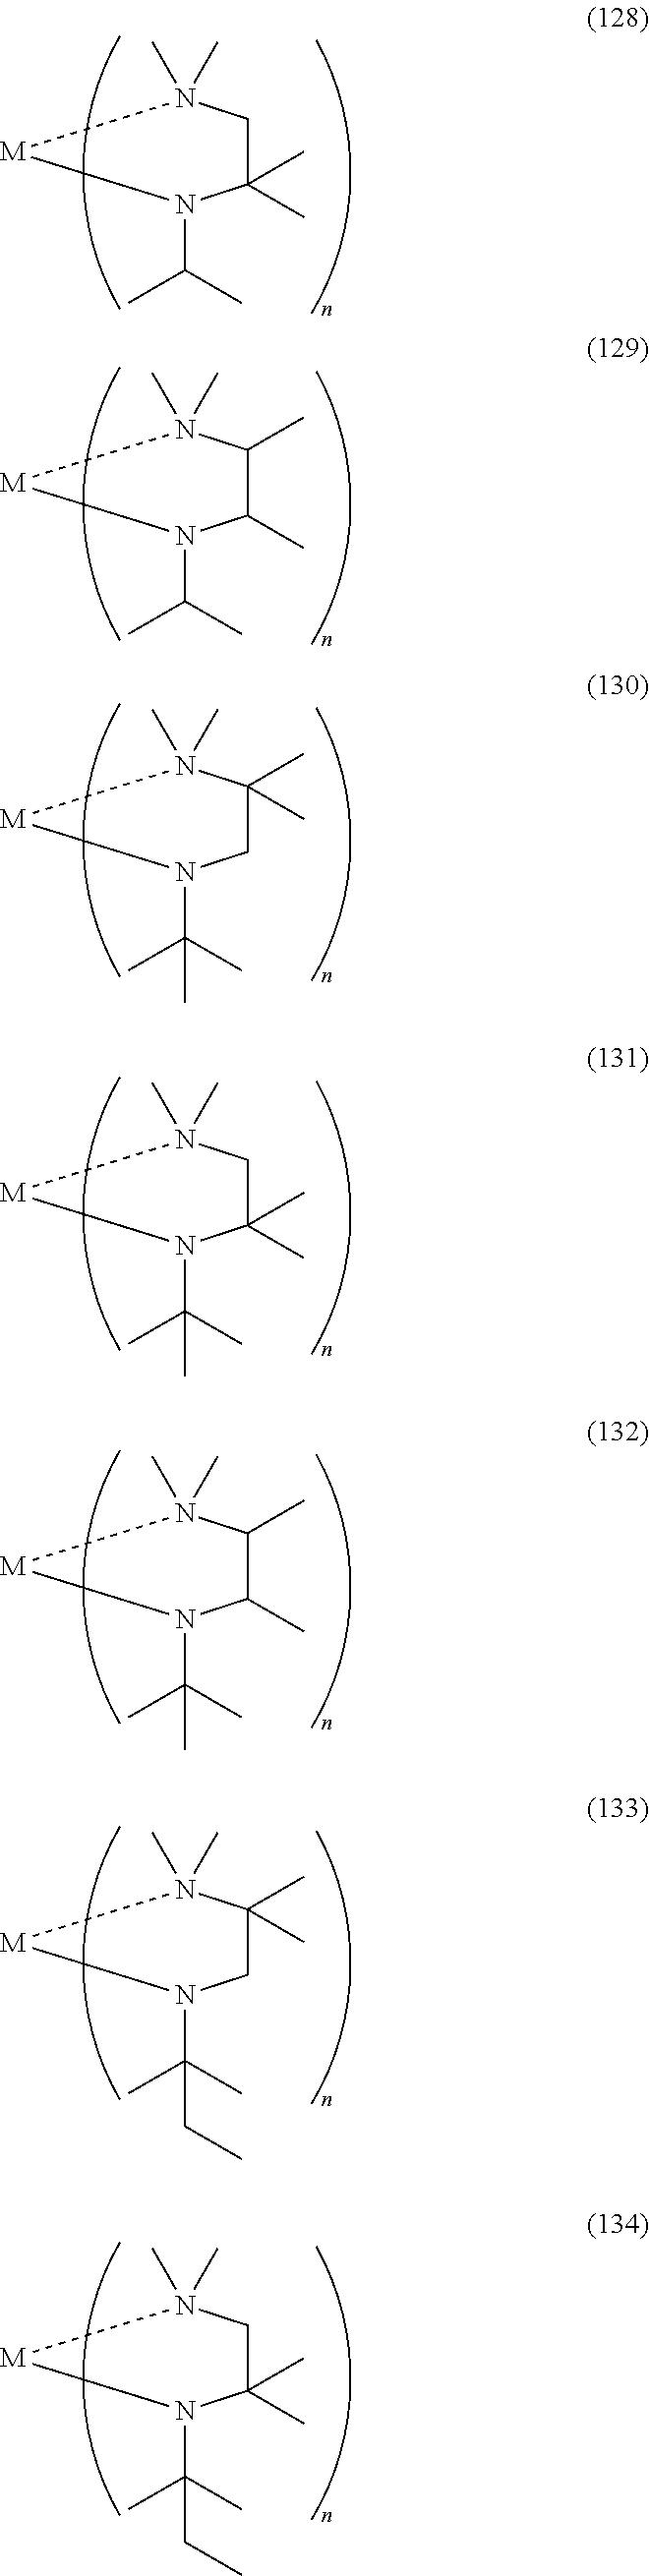 Figure US08871304-20141028-C00032